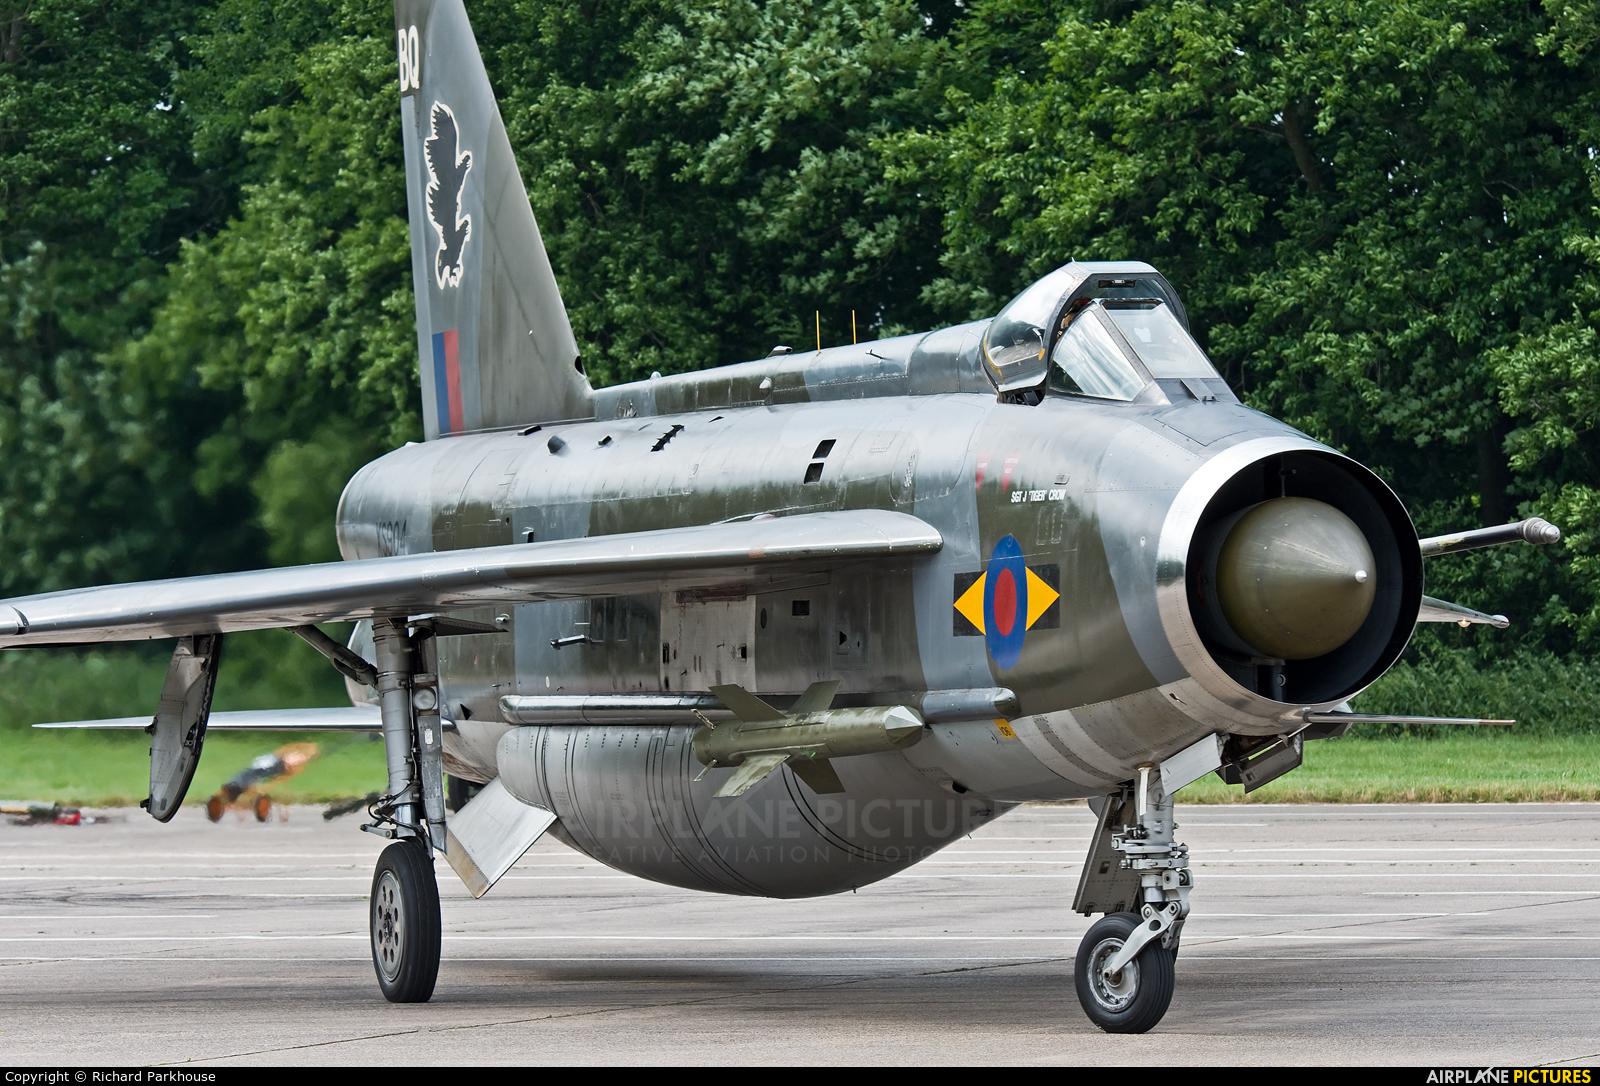 Royal Air Force XS904 aircraft at Bruntingthorpe